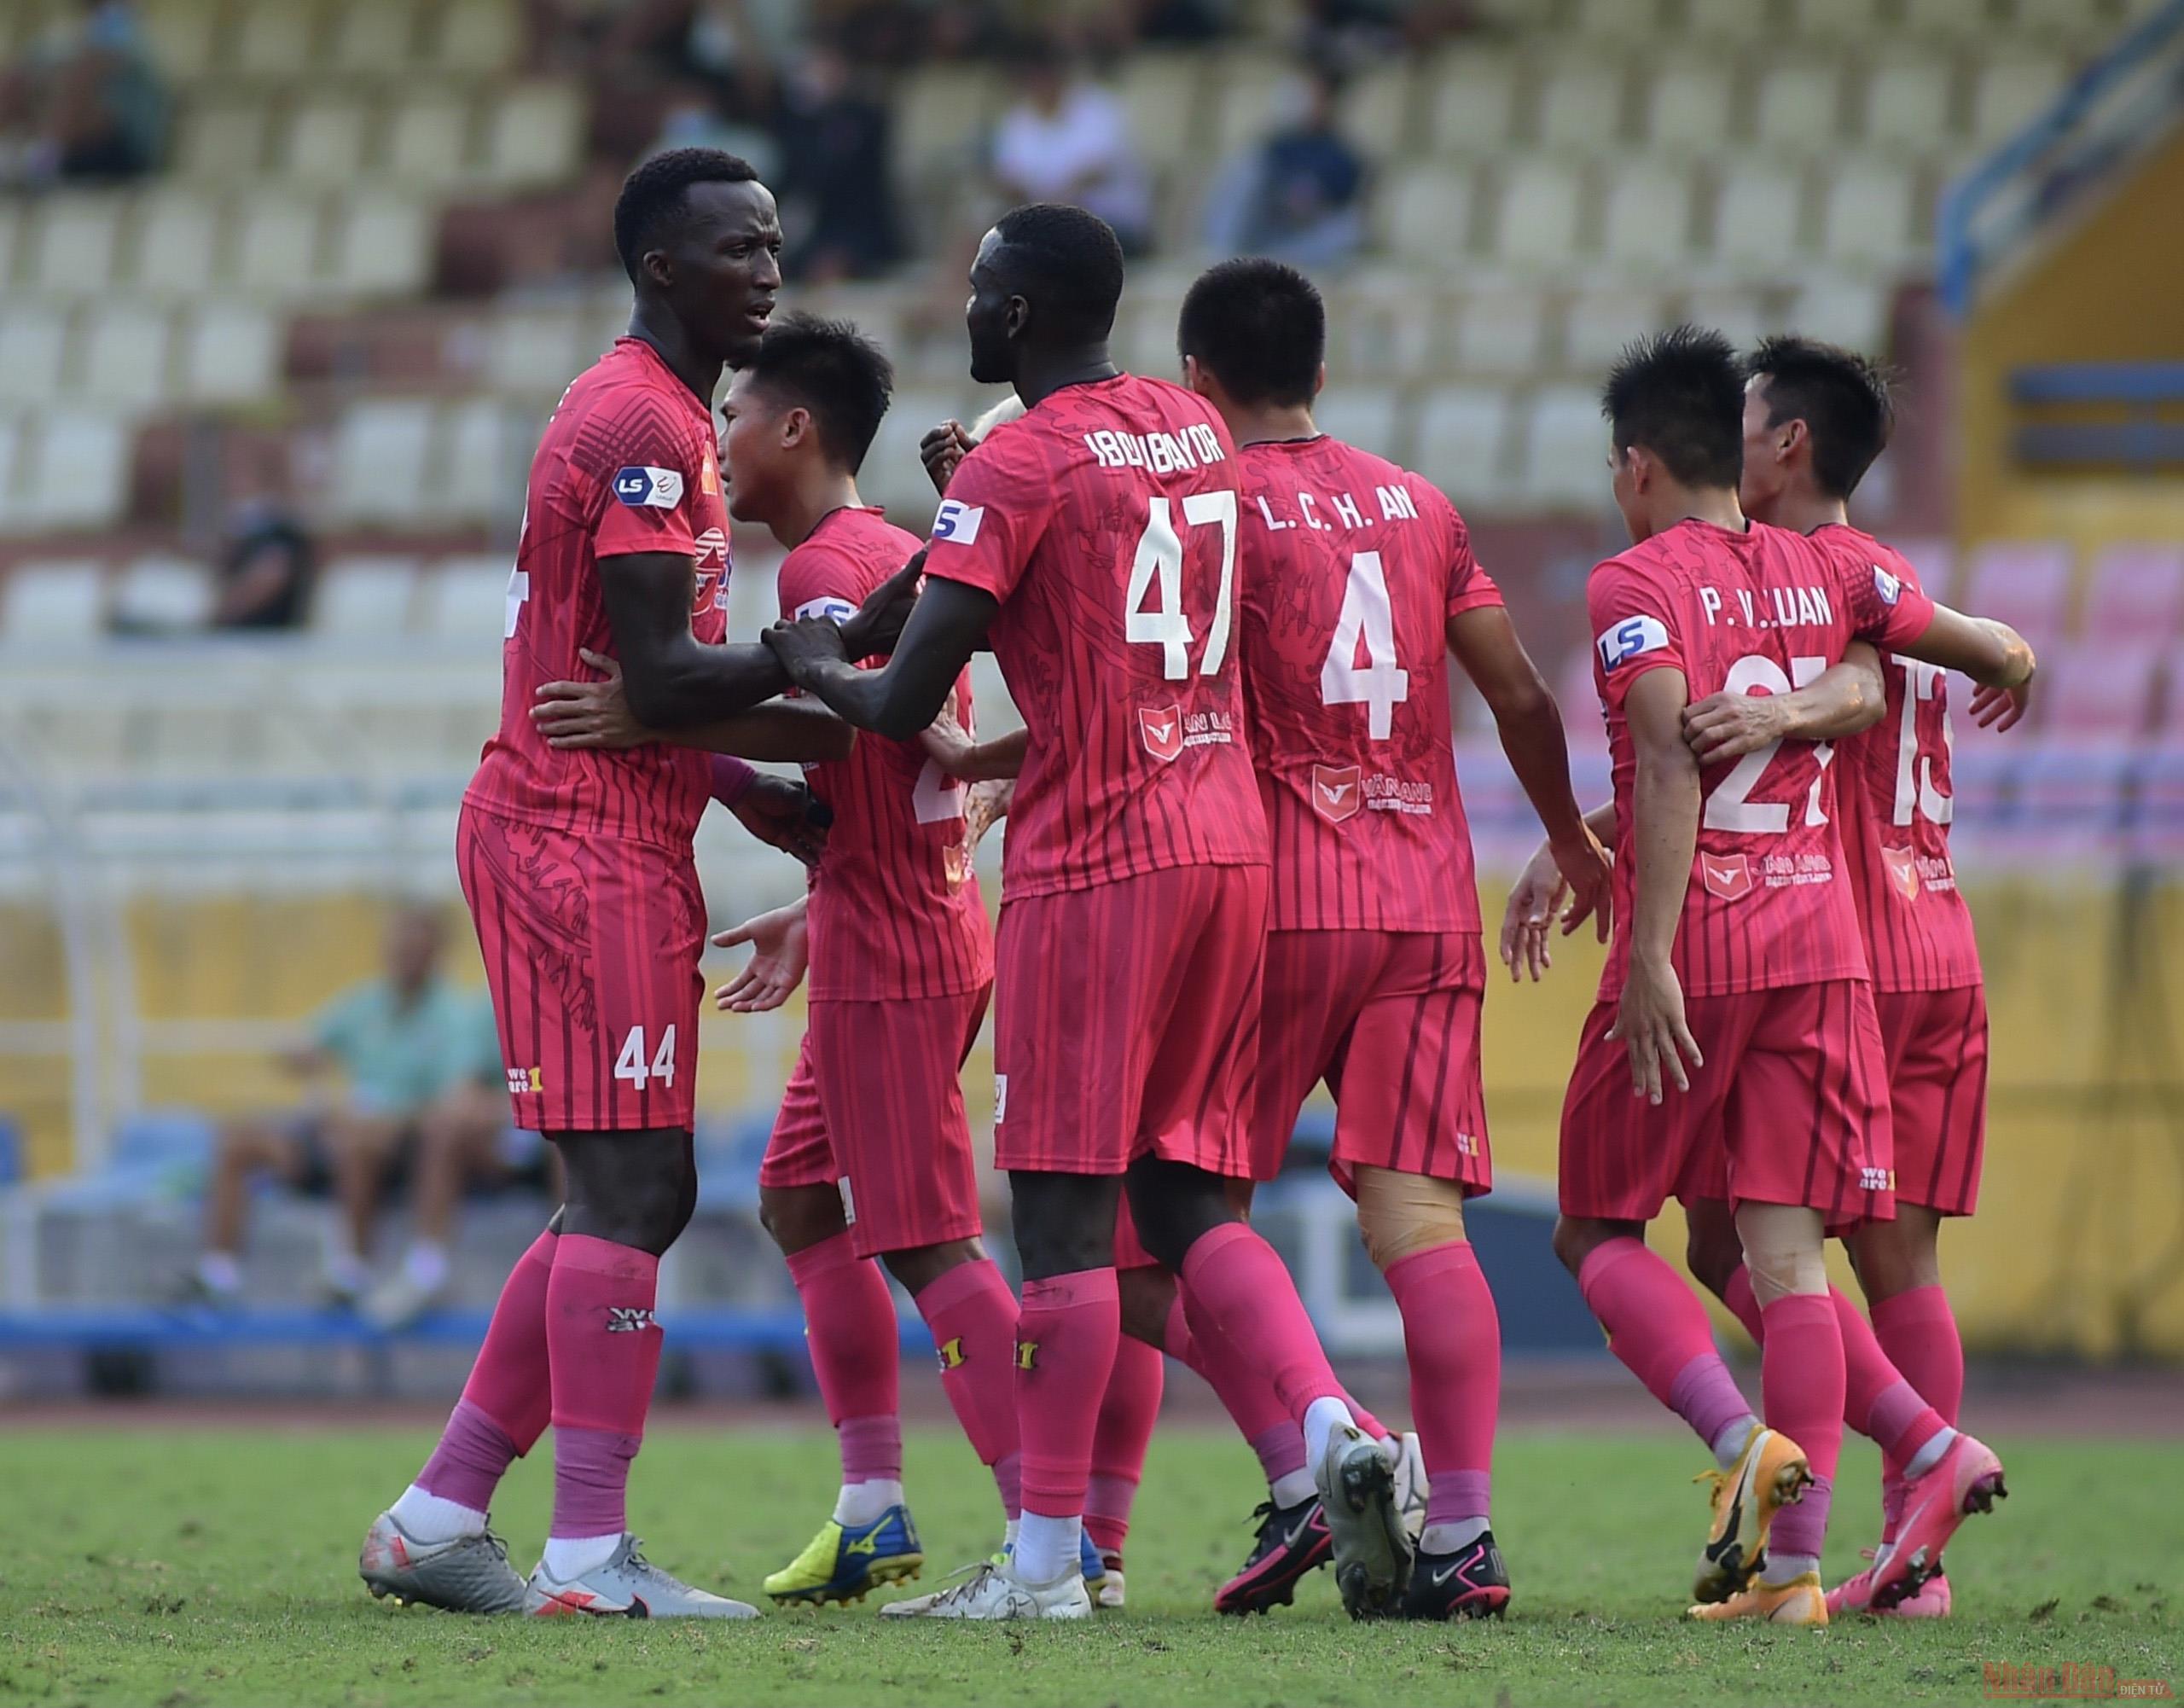 HLV Hàn Quốc có chiến thắng đầu tay cùng CLB Hà Nội -0